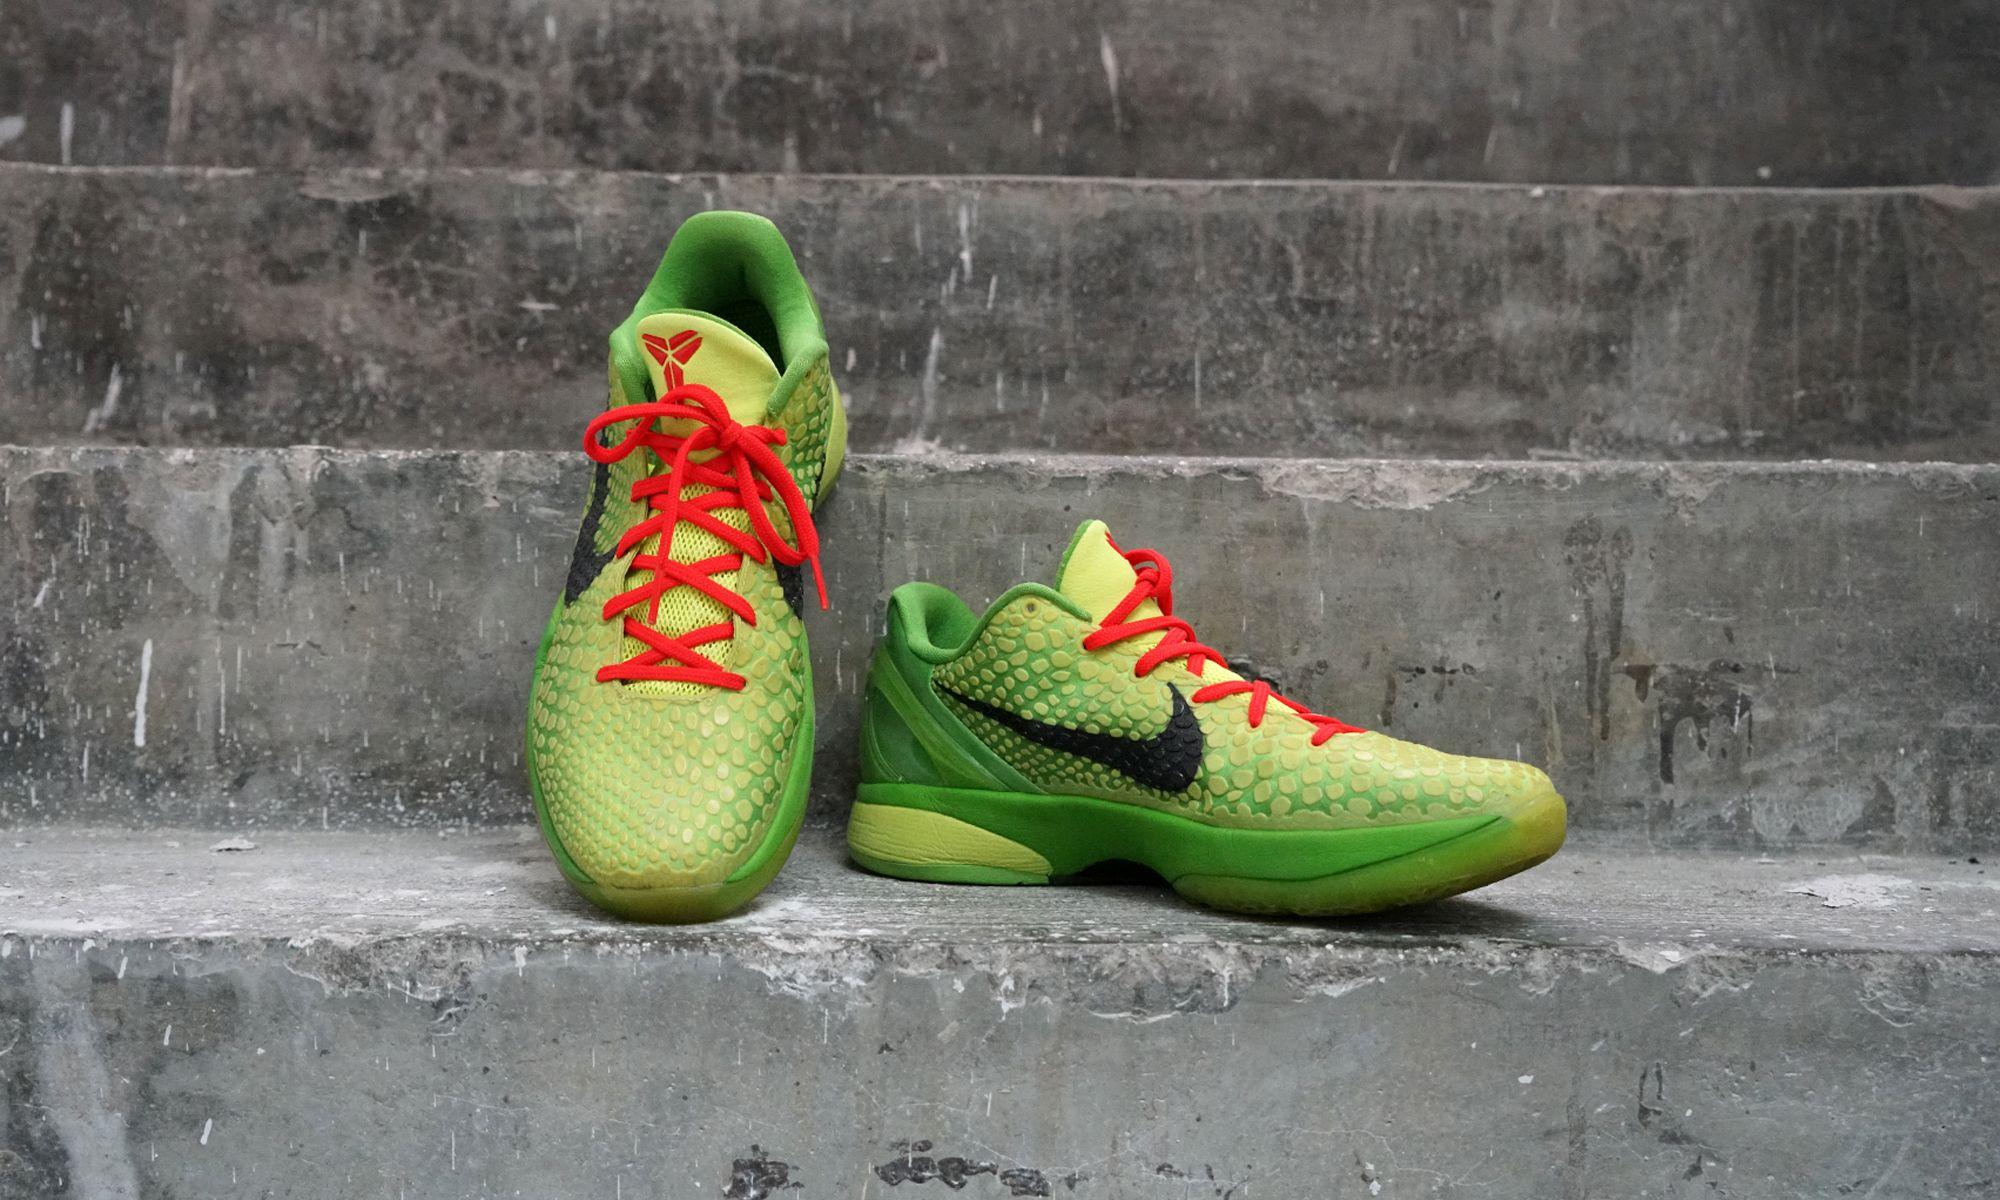 Nike Kobe Bryant Flyknit VI